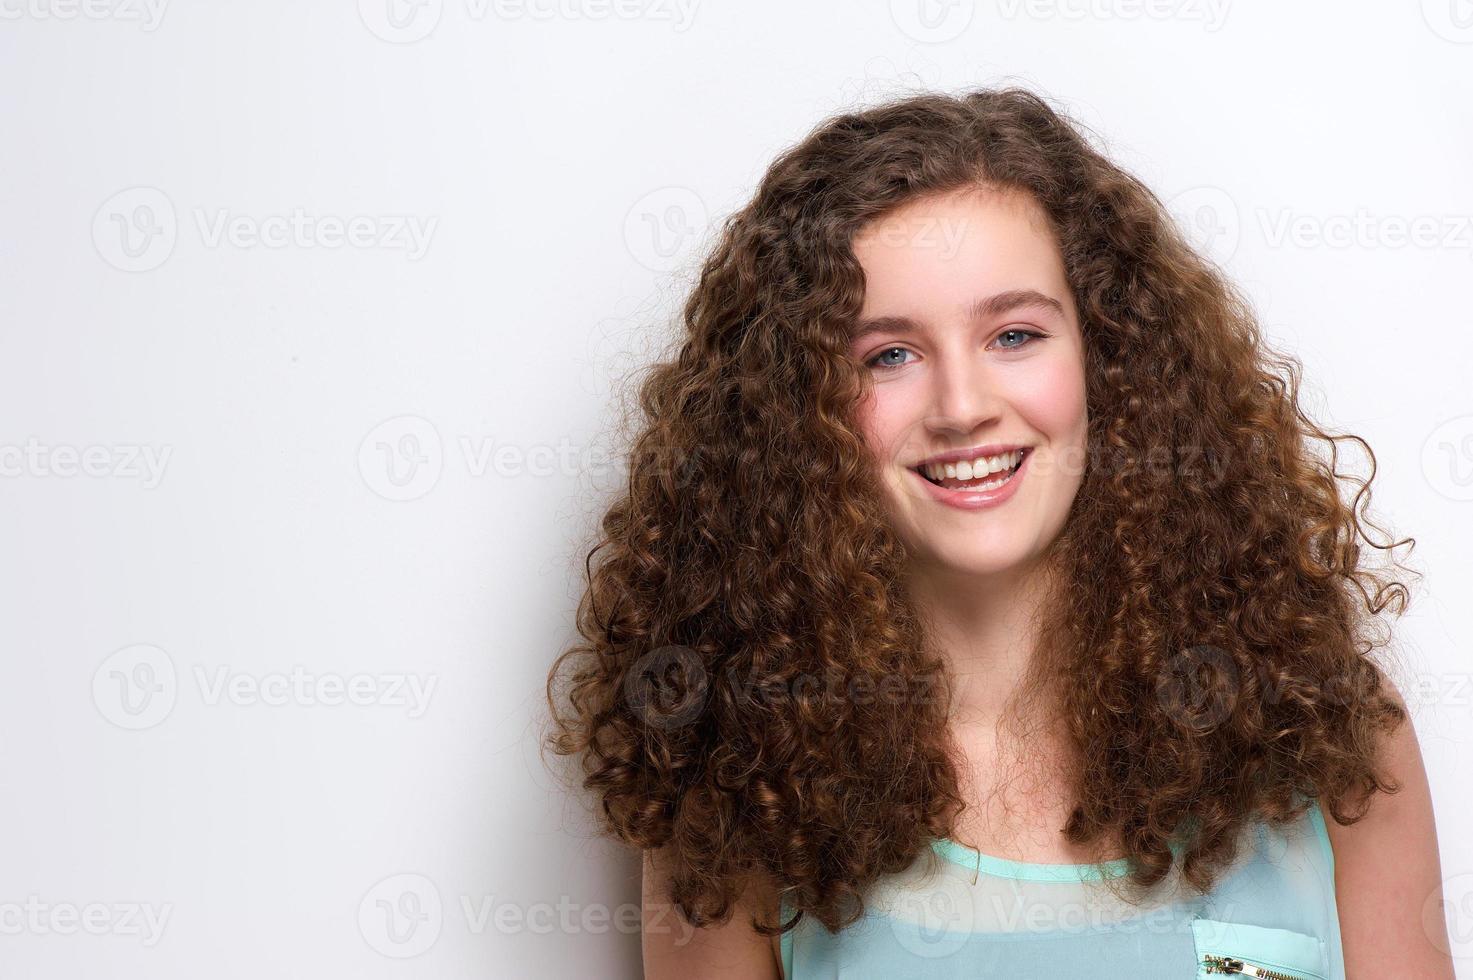 adolescente alegre rindo foto